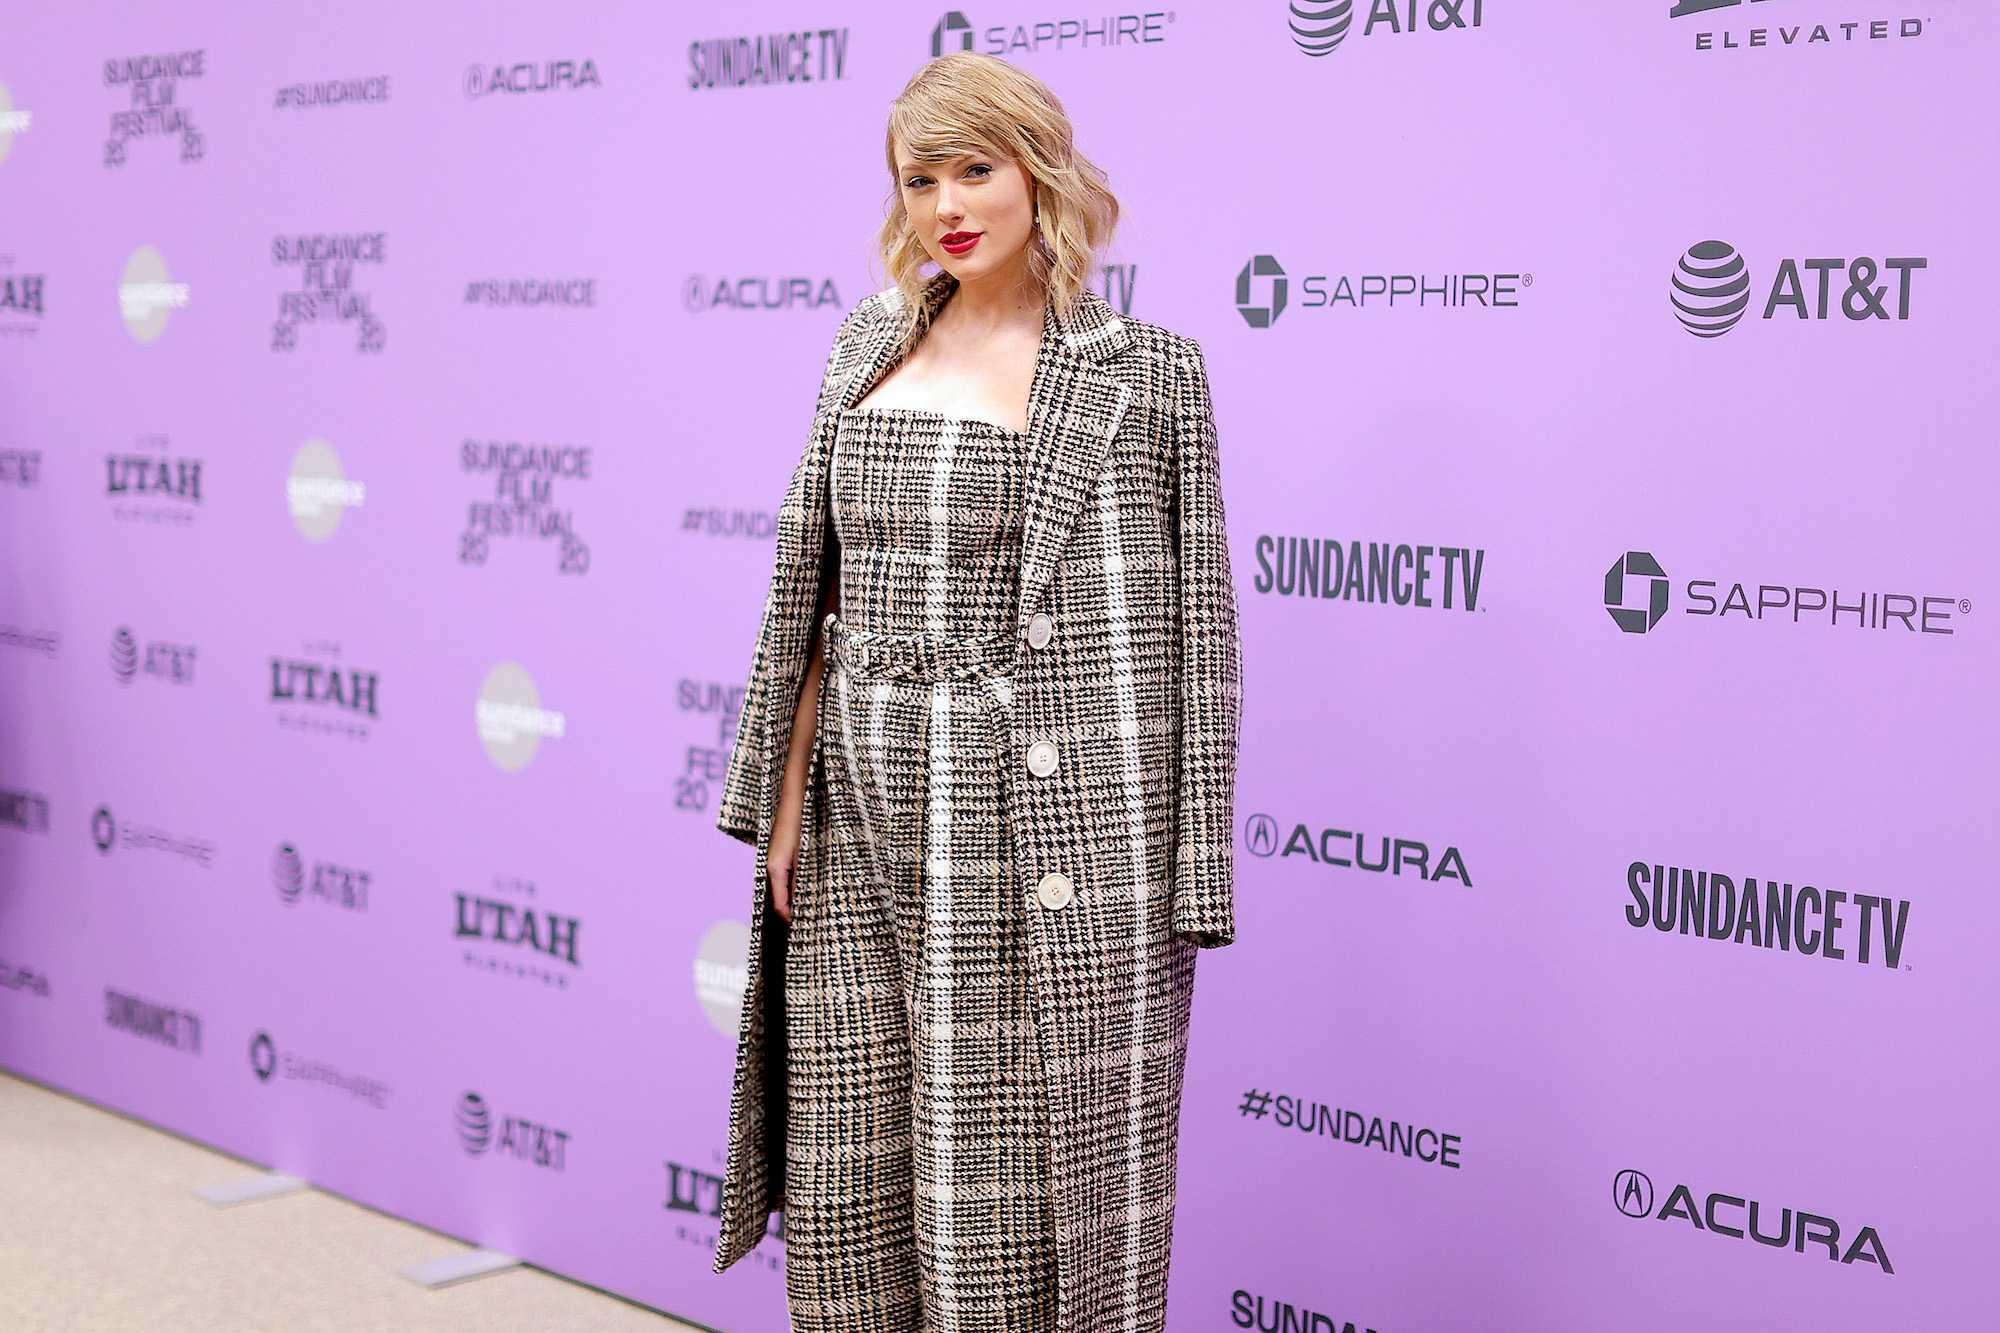 Taylor Swift au Festival du film de Sundance 2020 - Première de `` Miss Americana '' au théâtre Eccles Center le 23 janvier 2020 à Park City, Utah